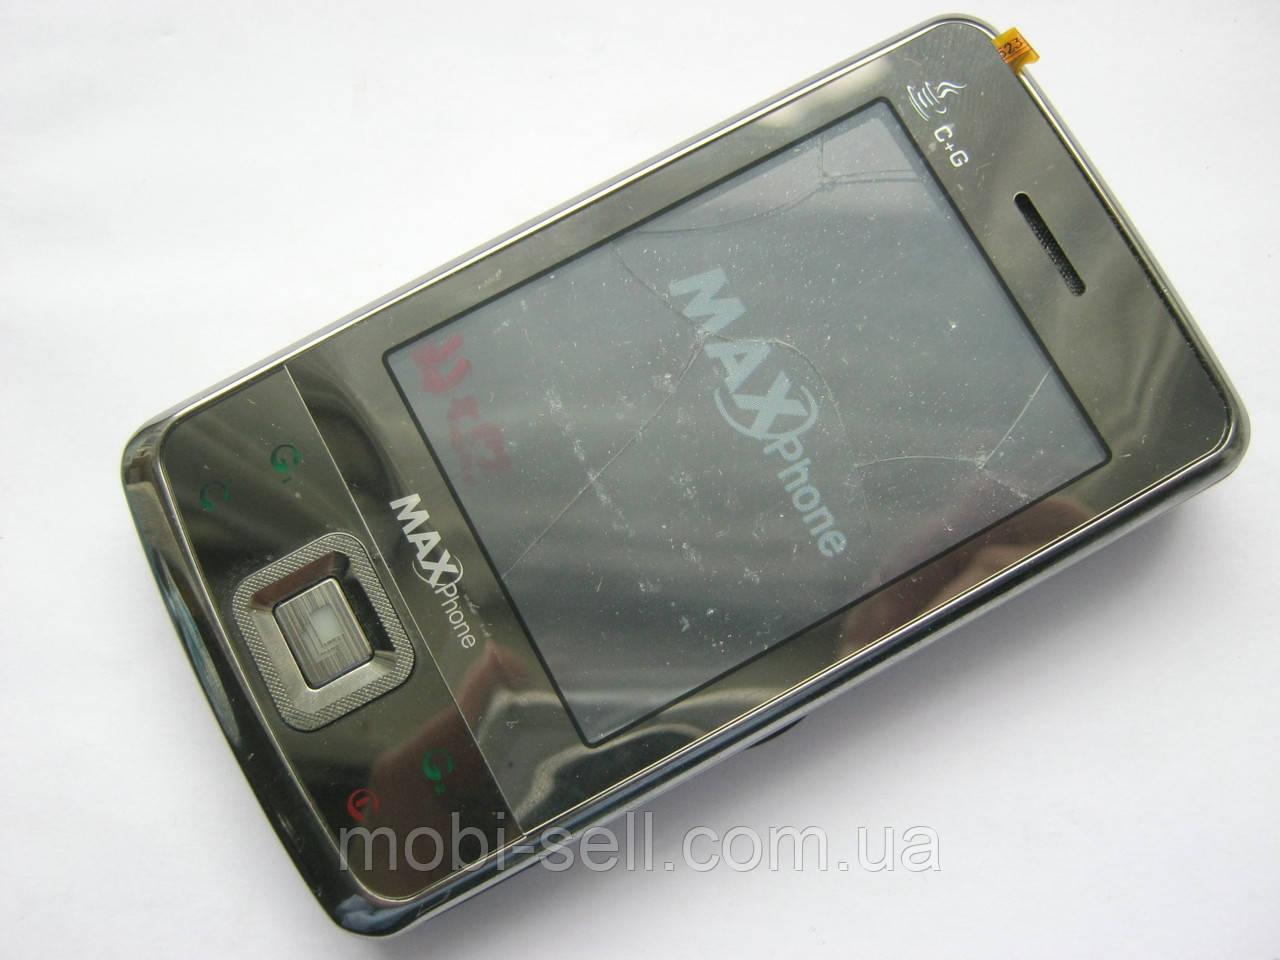 CDMA / GSM China MaxPhone C99, разбитый сенсор